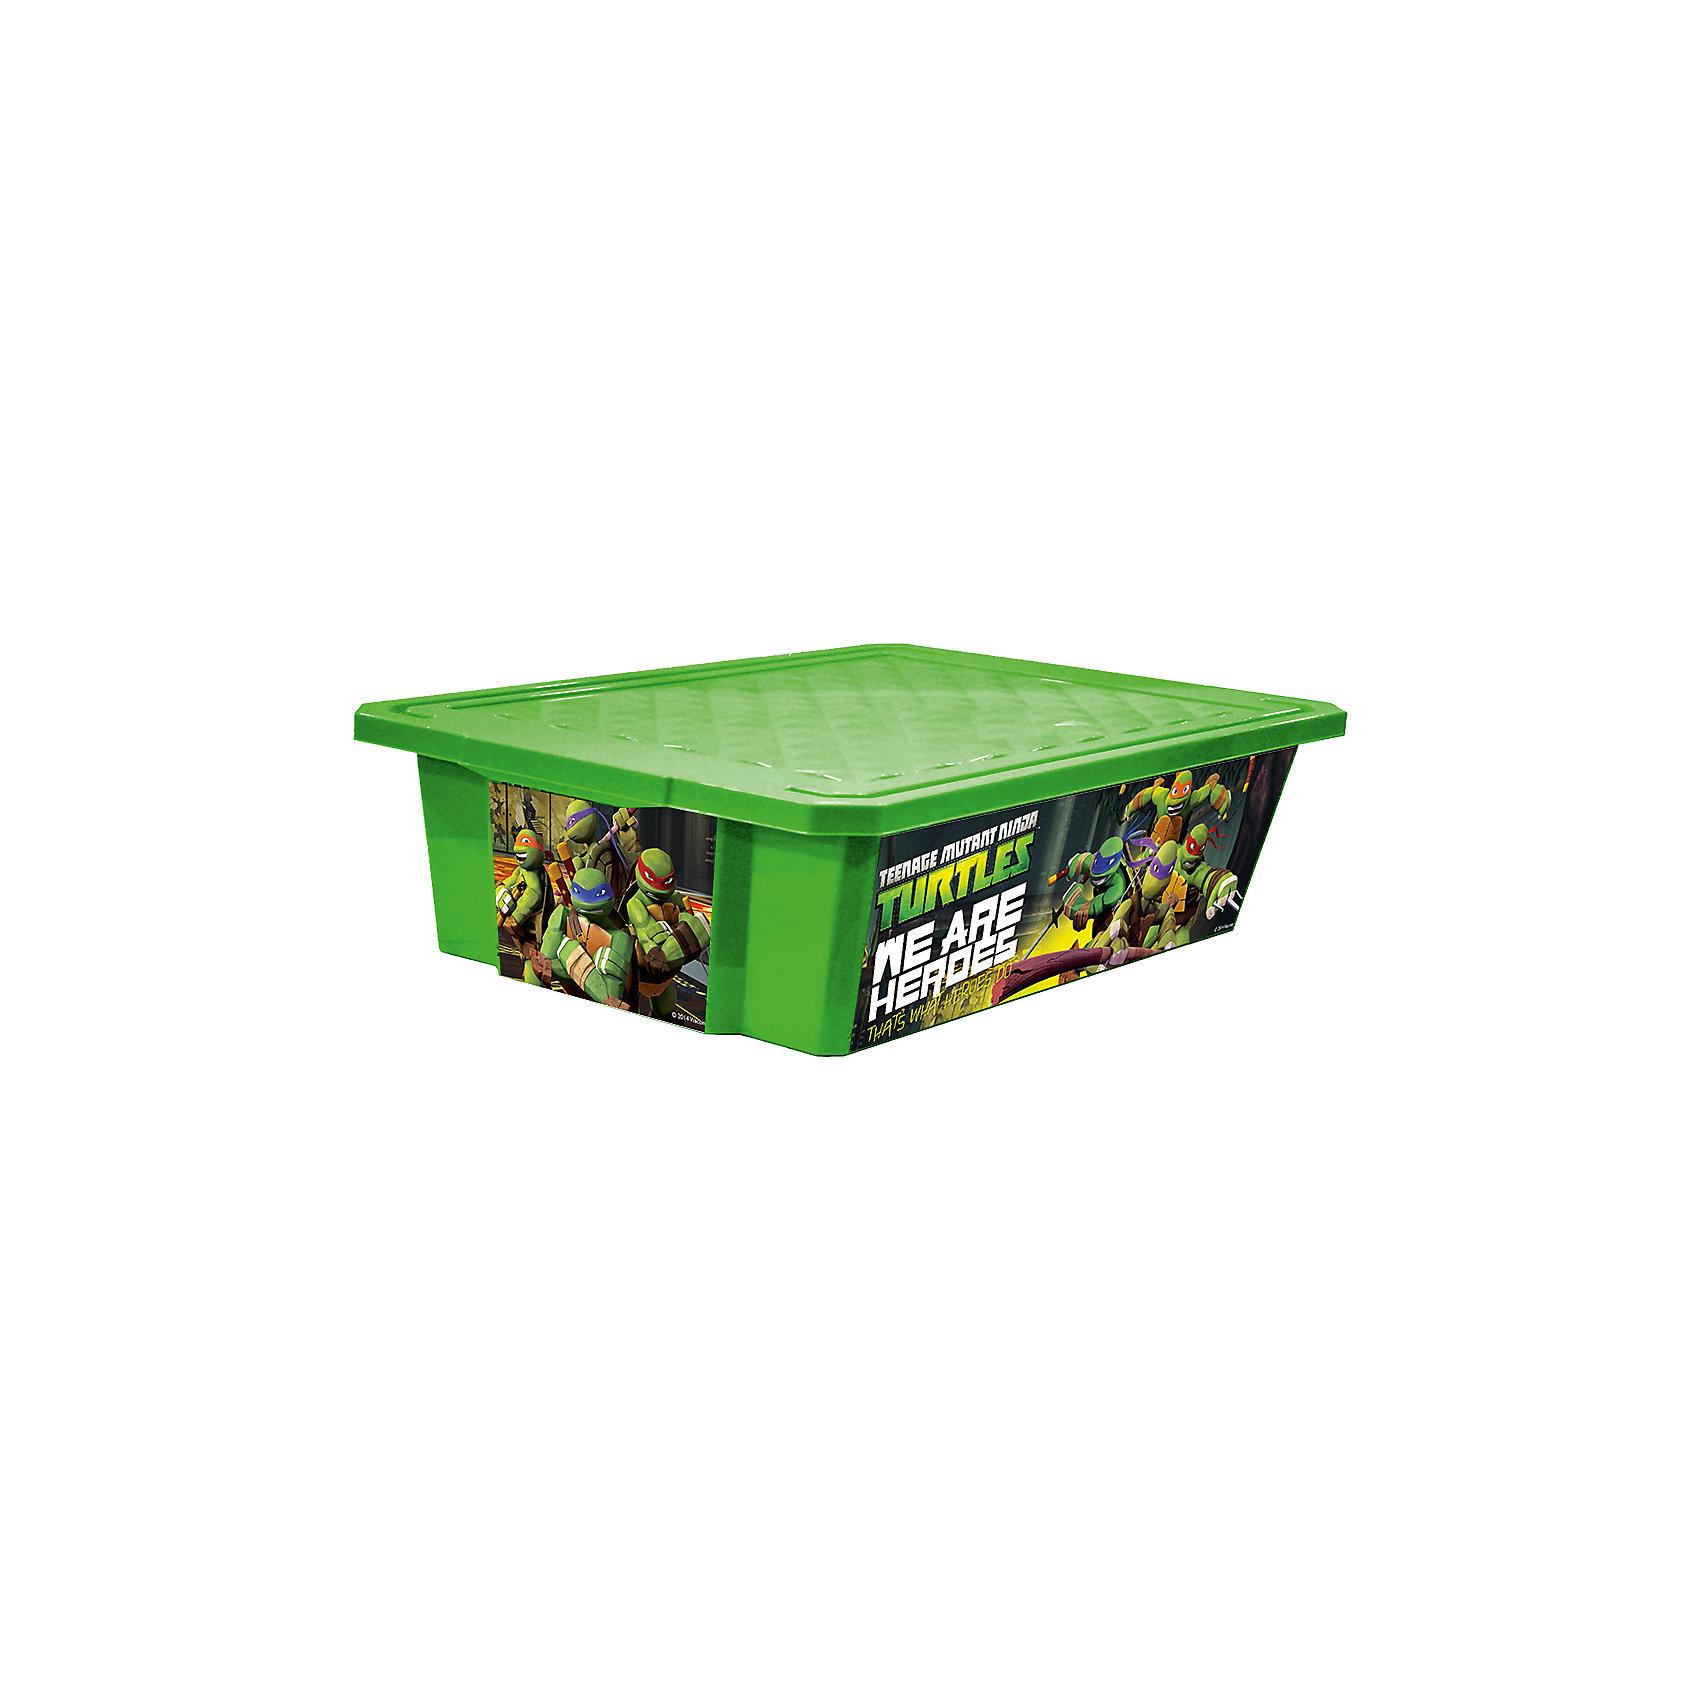 Ящик для хранения игрушек X-BOX Черепашки ниндзя 30л на колесах, Little Angel, зеленыйЯщики для игрушек<br>Ящик для хранения игрушек X-BOX Черепашки ниндзя 30 л на колесах, Little Angel, зеленый изготовлен отечественным производителем . Выполненный из высококачественного пластика, устойчивого к внешним повреждениям и изменению цвета, ящик станет не только необходимым предметом для хранения детских игрушек и принадлежностей, но и украсит детскую комнату своим ярким дизайном. По бокам ящика с помощью инновационной технологии нанесены картинки, изображающие сюжеты популярного фильма Черепашки ниндзя. Ящик оснащен крышкой, что защитит хранящиеся в нем предметы от пыли. Ящик оснащен колесиками, что позволяет его легко передвигать по помещению даже ребенку.<br>Ящик для хранения игрушек X-BOX Черепашки ниндзя 30 л на колесах, Little Angel, зеленый достаточно прост в уходе, его можно протирать влажной губкой или мыть в теплой воде. <br><br>Дополнительная информация:<br><br>- Предназначение: для дома<br>- Цвет: зеленый<br>- Пол: для мальчика<br>- Материал: пластик<br>- Размер (Д*Ш*В): 61*40,5*19,3 см<br>- Объем: 30 л<br>- Вес: 1 кг 314 г<br>- Особенности ухода: разрешается мыть теплой водой<br><br>Подробнее:<br><br>• Для детей в возрасте: от 2 лет и до 7 лет<br>• Страна производитель: Россия<br>• Торговый бренд: Little Angel<br><br>Ящик для хранения игрушек X-BOX Черепашки ниндзя 30 л на колесах, Little Angel, зеленый можно купить в нашем интернет-магазине.<br><br>Ширина мм: 610<br>Глубина мм: 405<br>Высота мм: 193<br>Вес г: 1314<br>Возраст от месяцев: 24<br>Возраст до месяцев: 84<br>Пол: Мужской<br>Возраст: Детский<br>SKU: 4881758